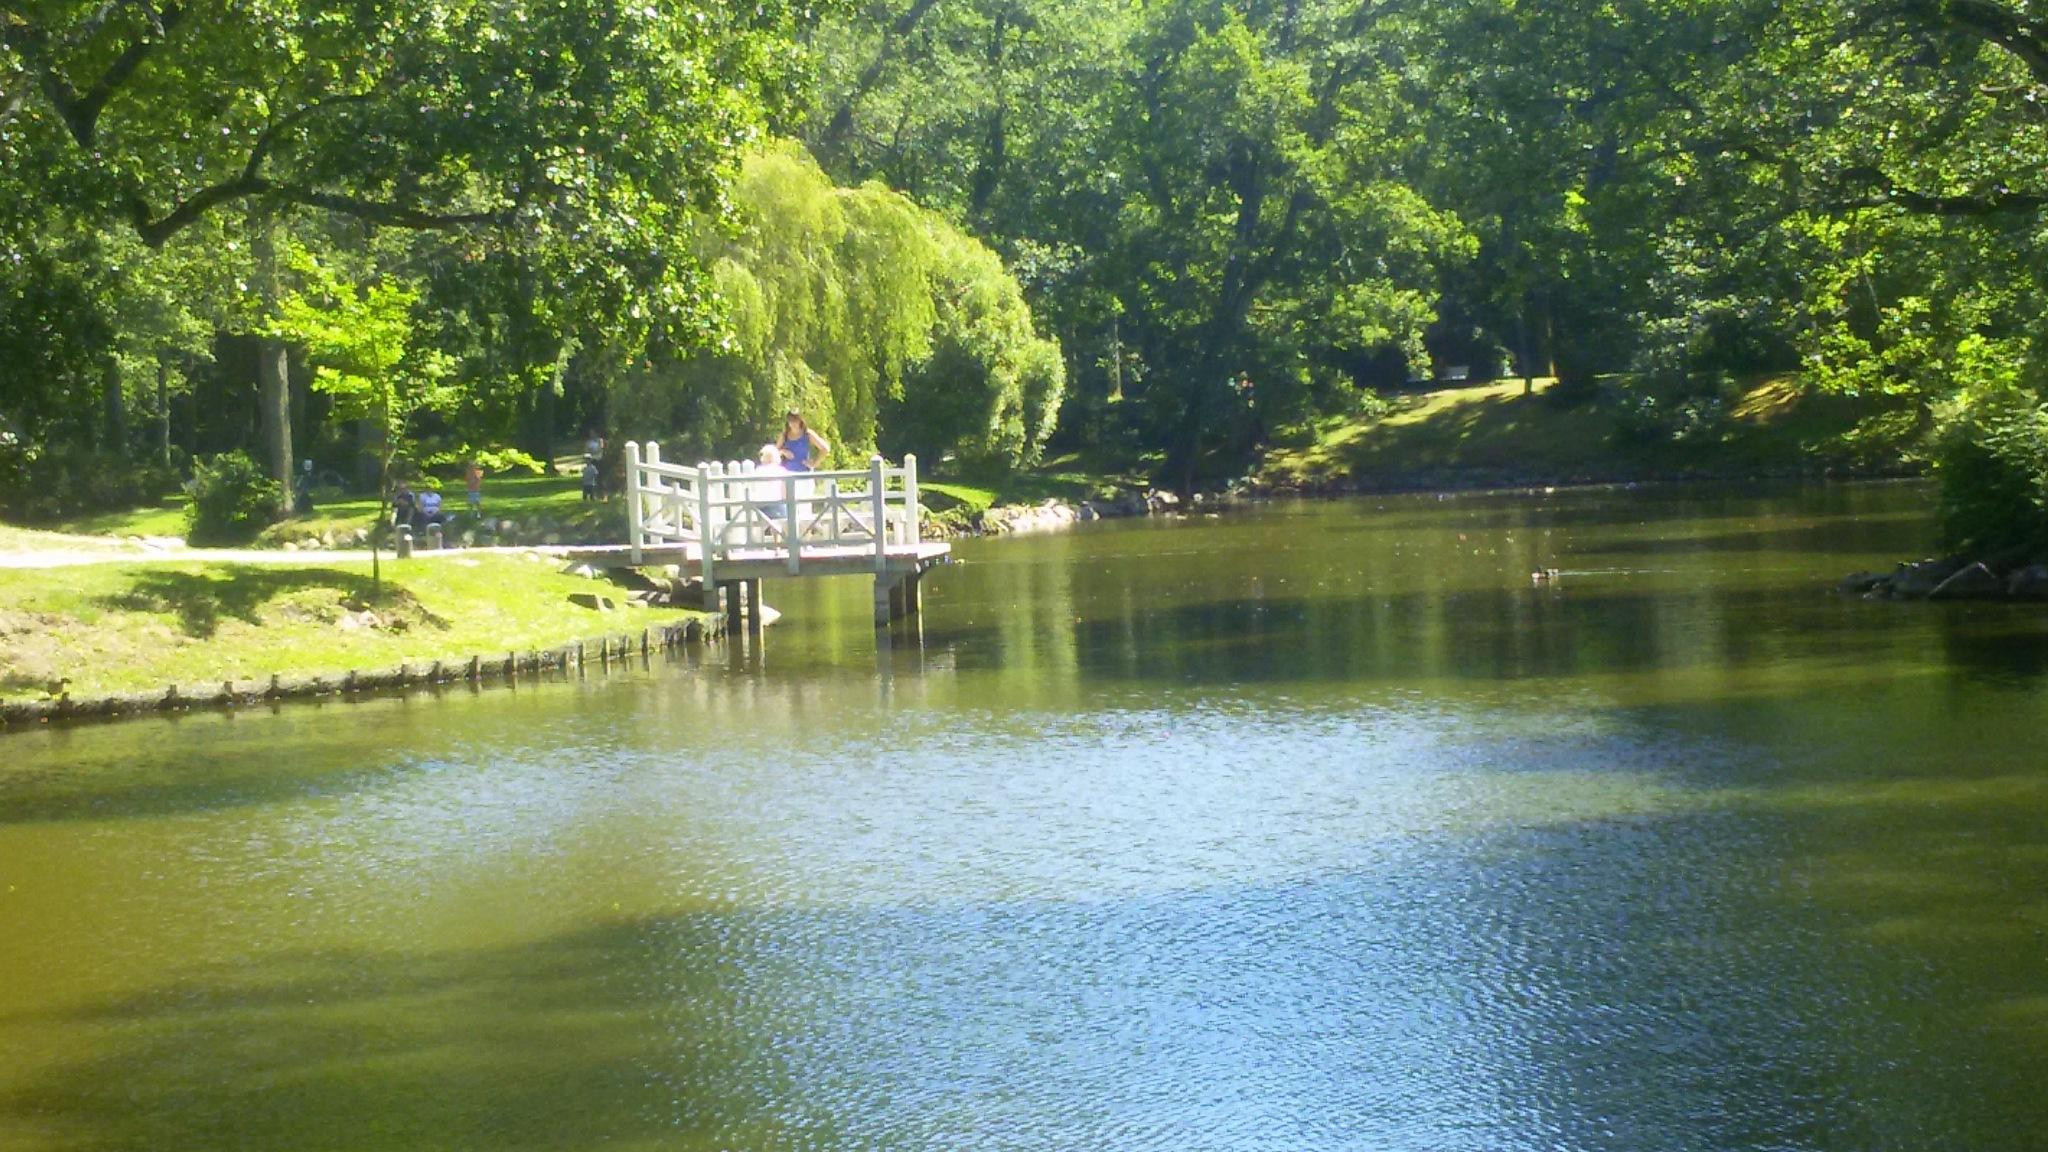 Pond in the park by uzkuraitiene62